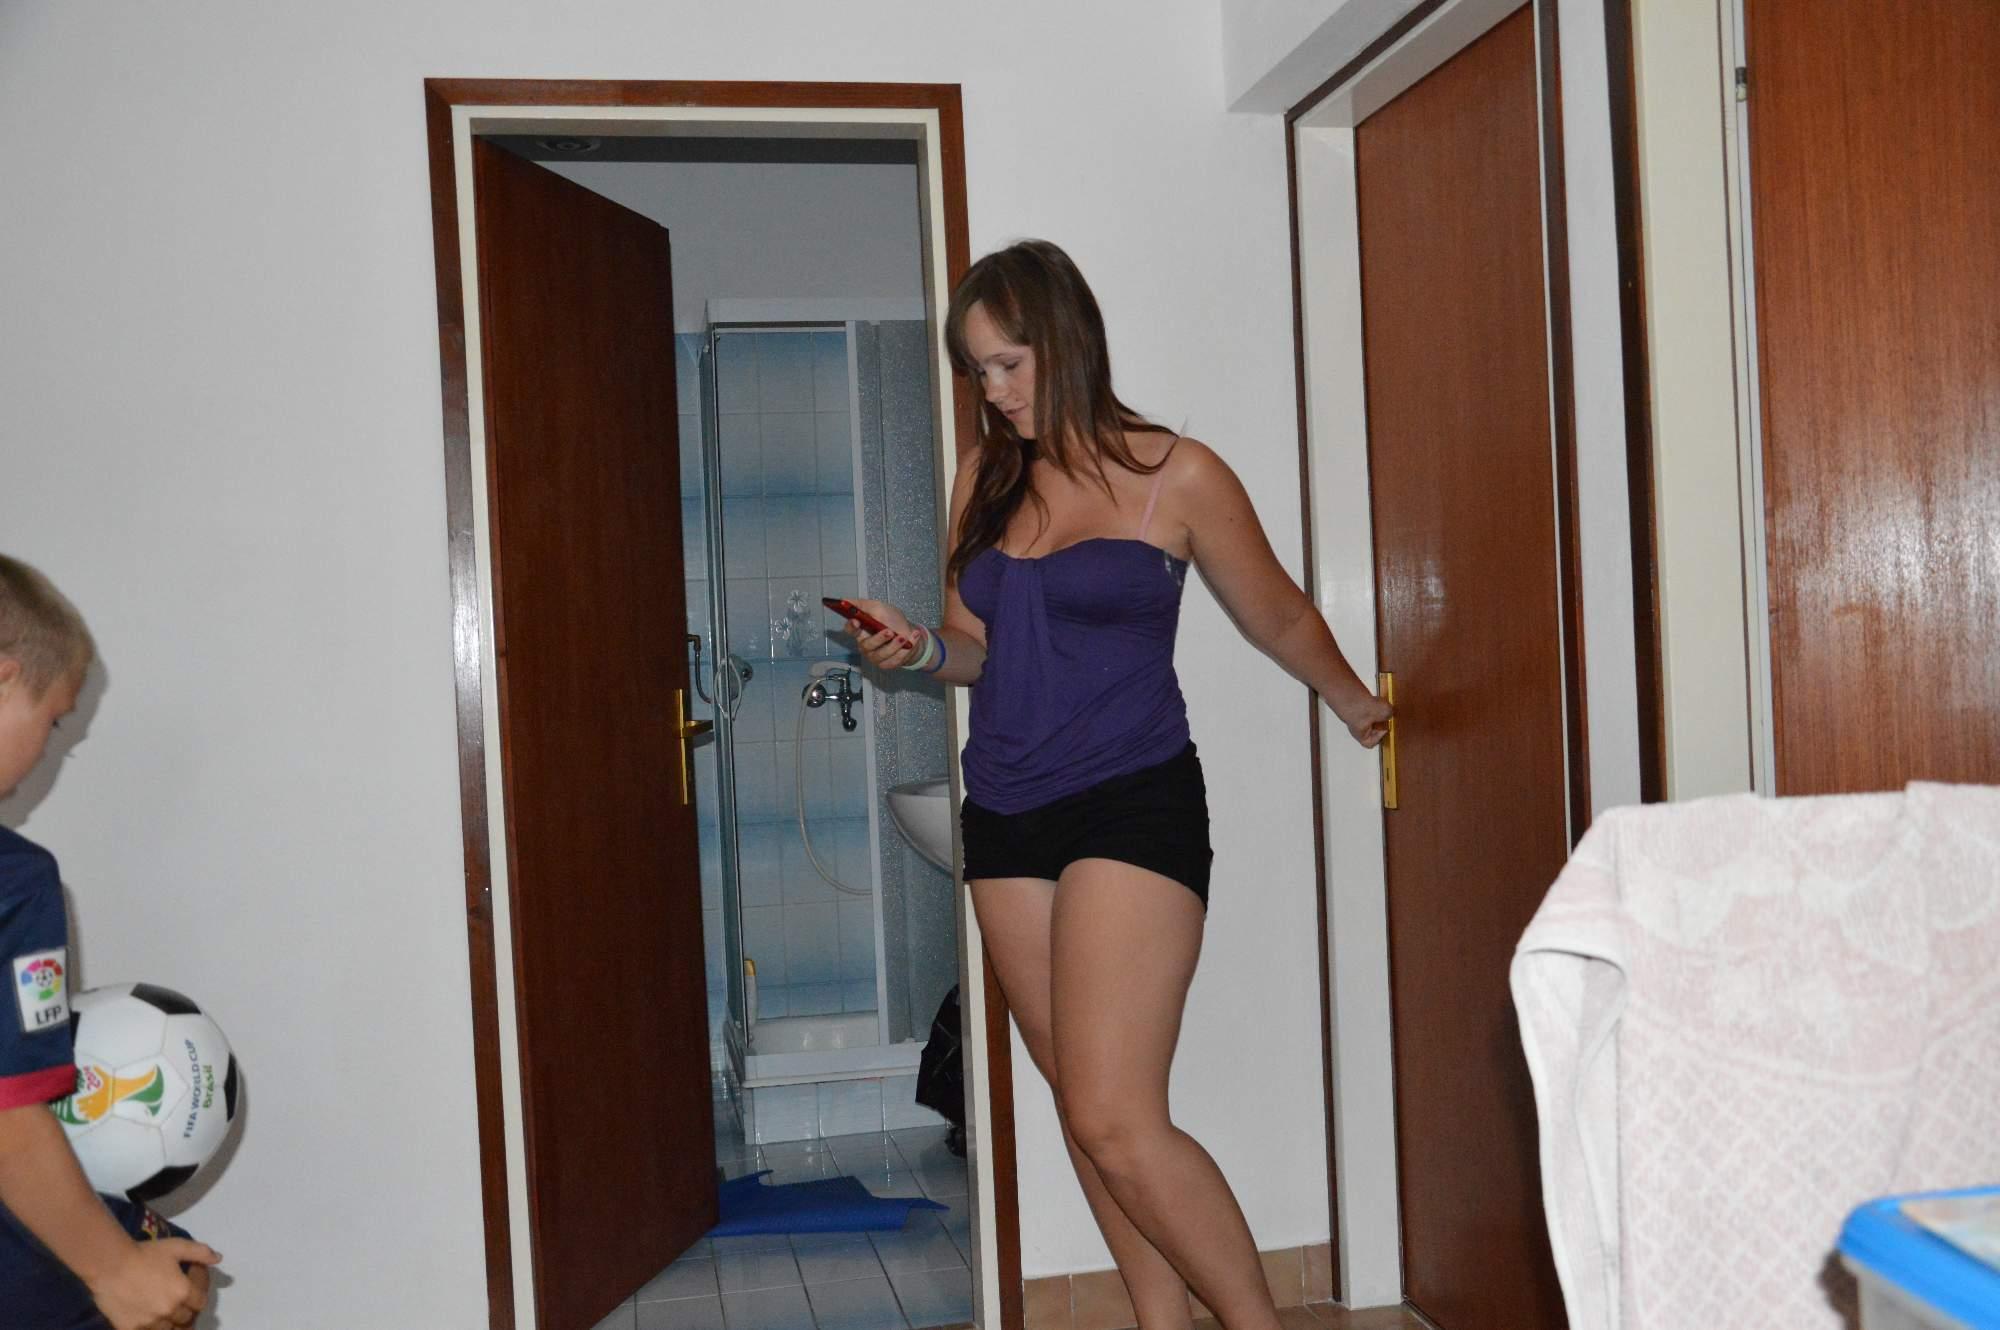 http://img19.rajce.idnes.cz/d1902/11/11369/11369498_ba1b1cc51aa2b100ecd01c05fe1b9075/images/DSC_0035.jpg